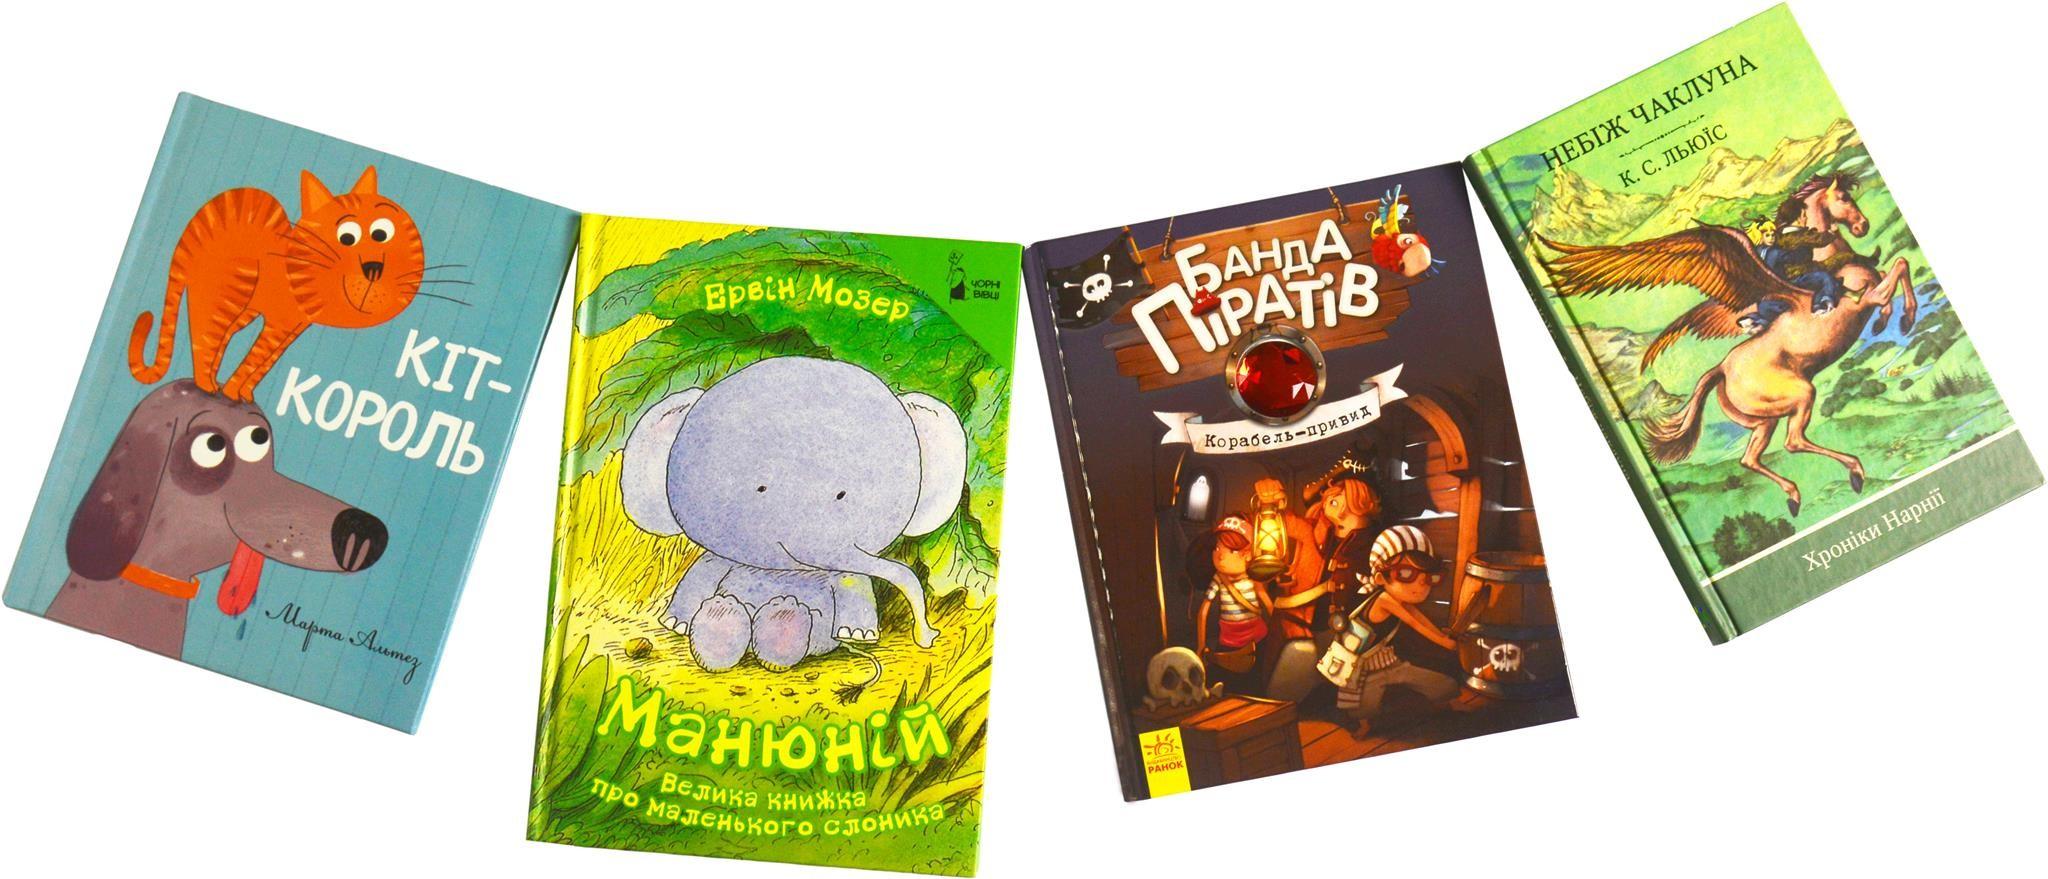 Детские книги художественной литературы